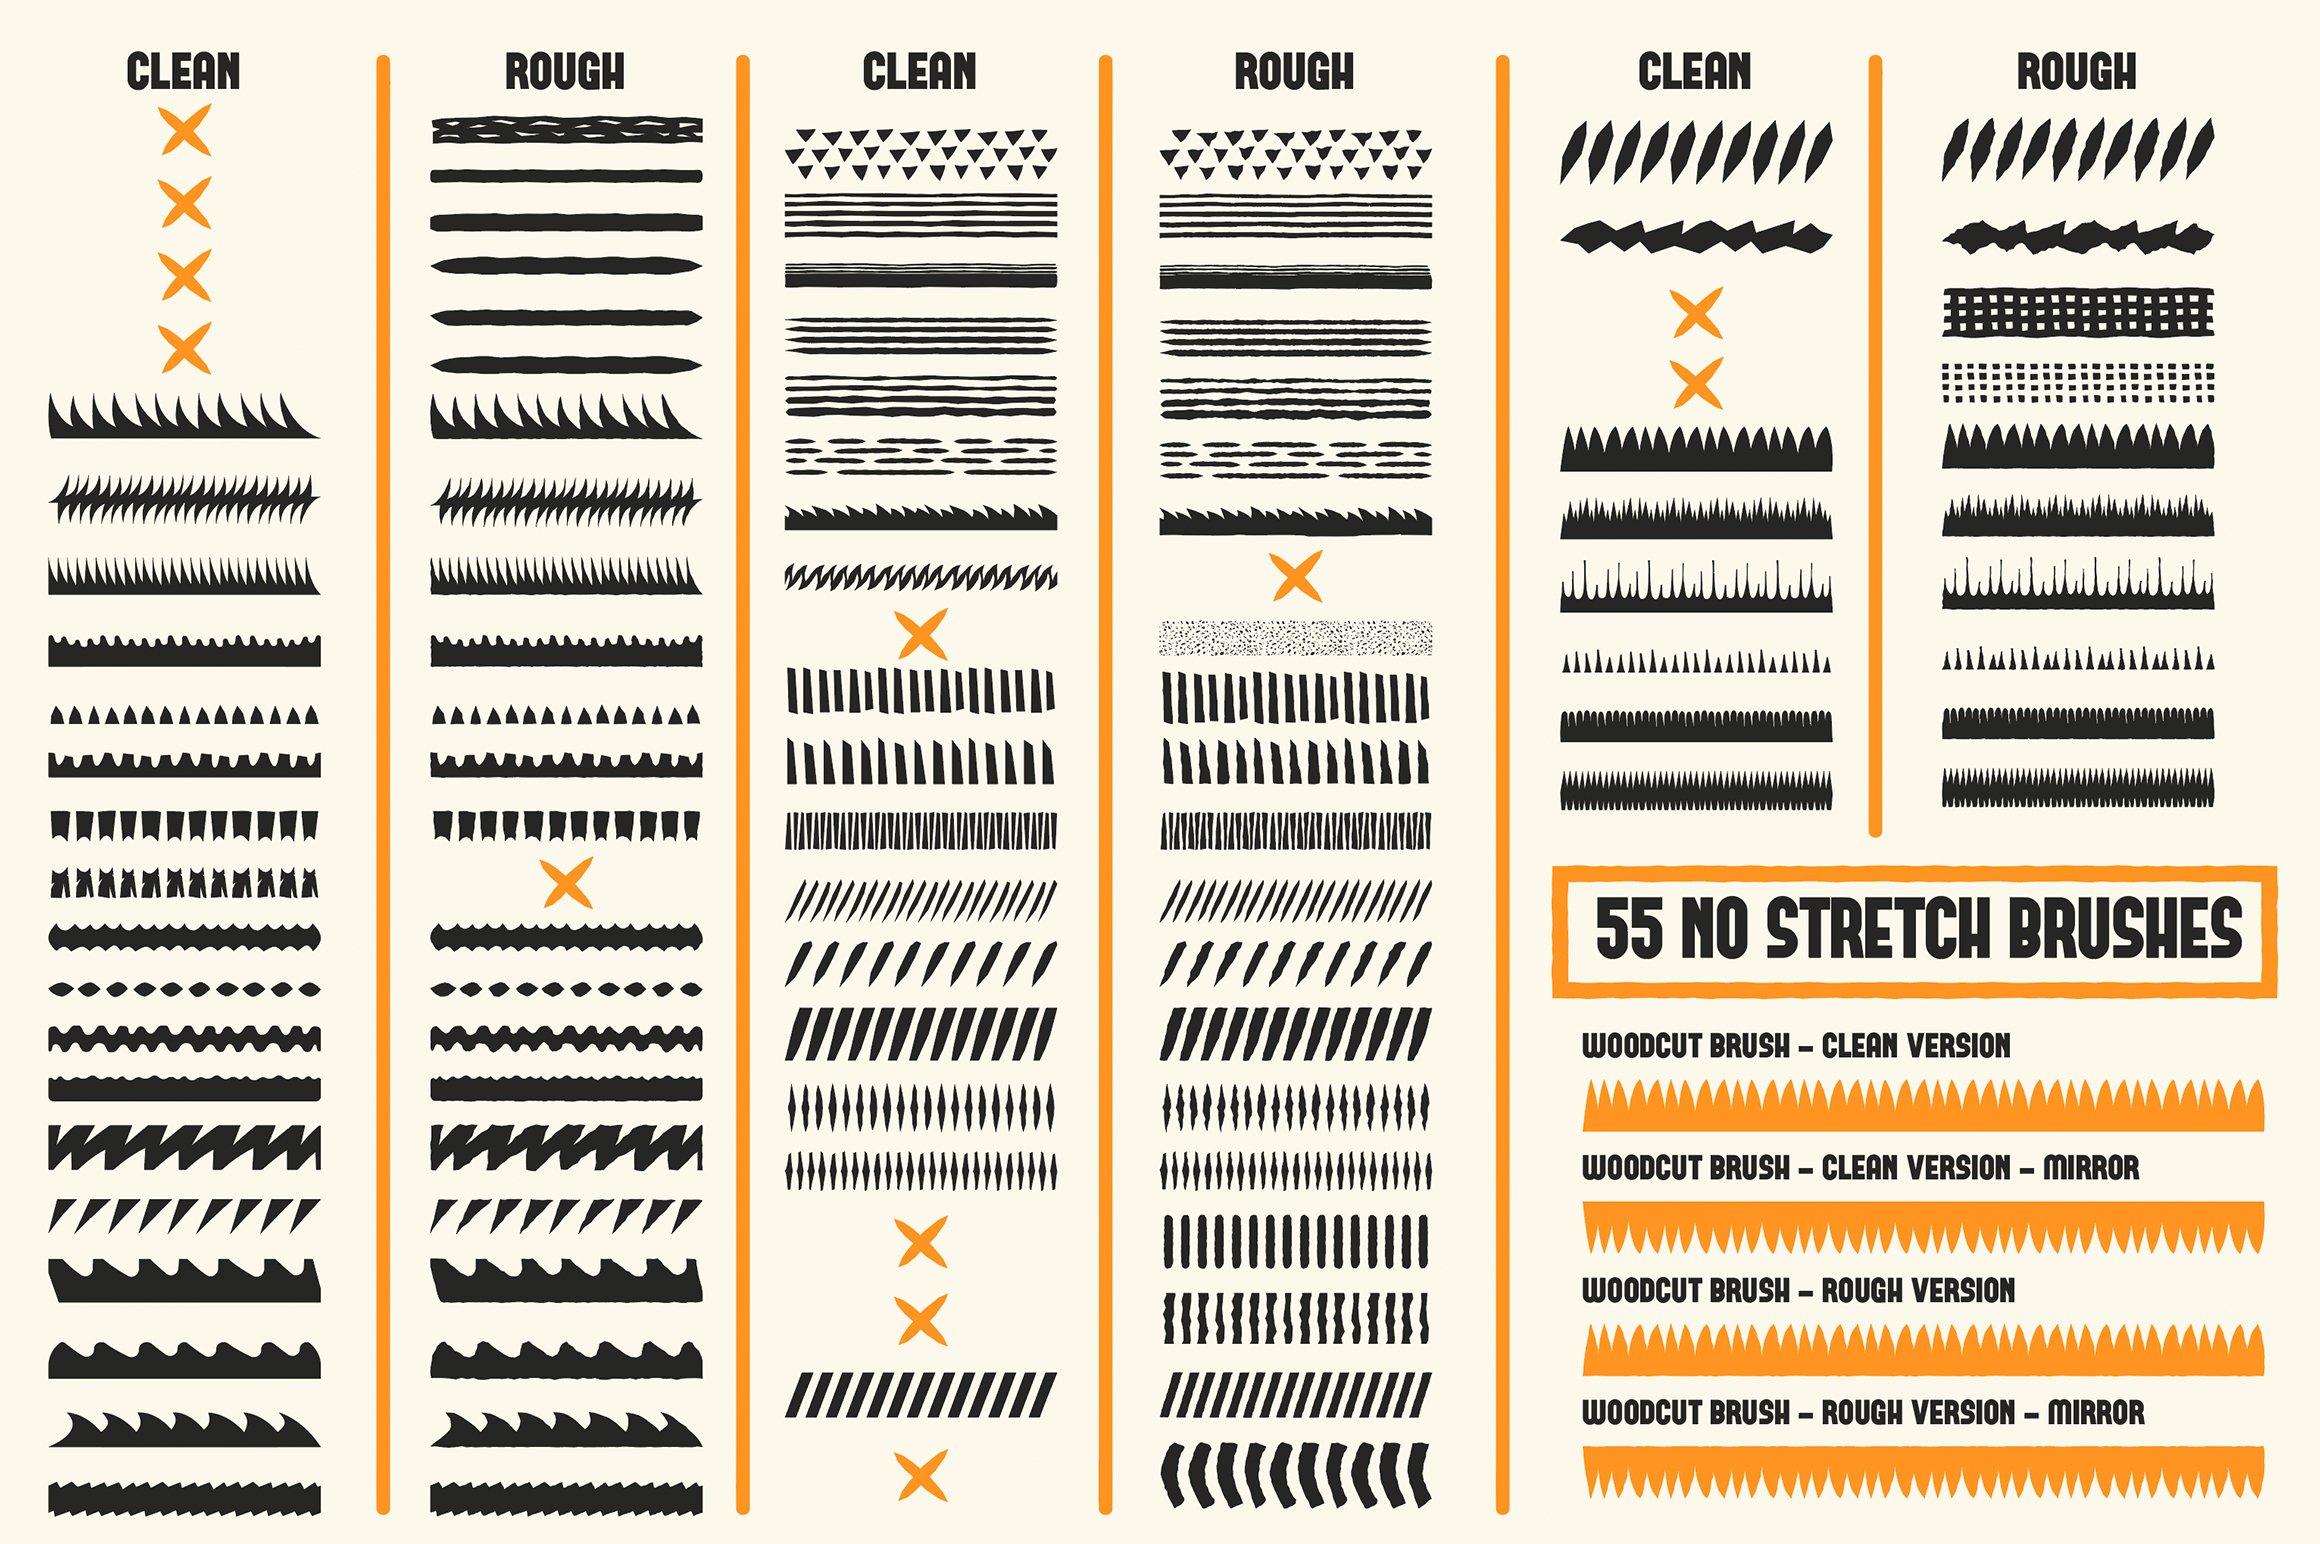 promo5 woodcut brushes 6